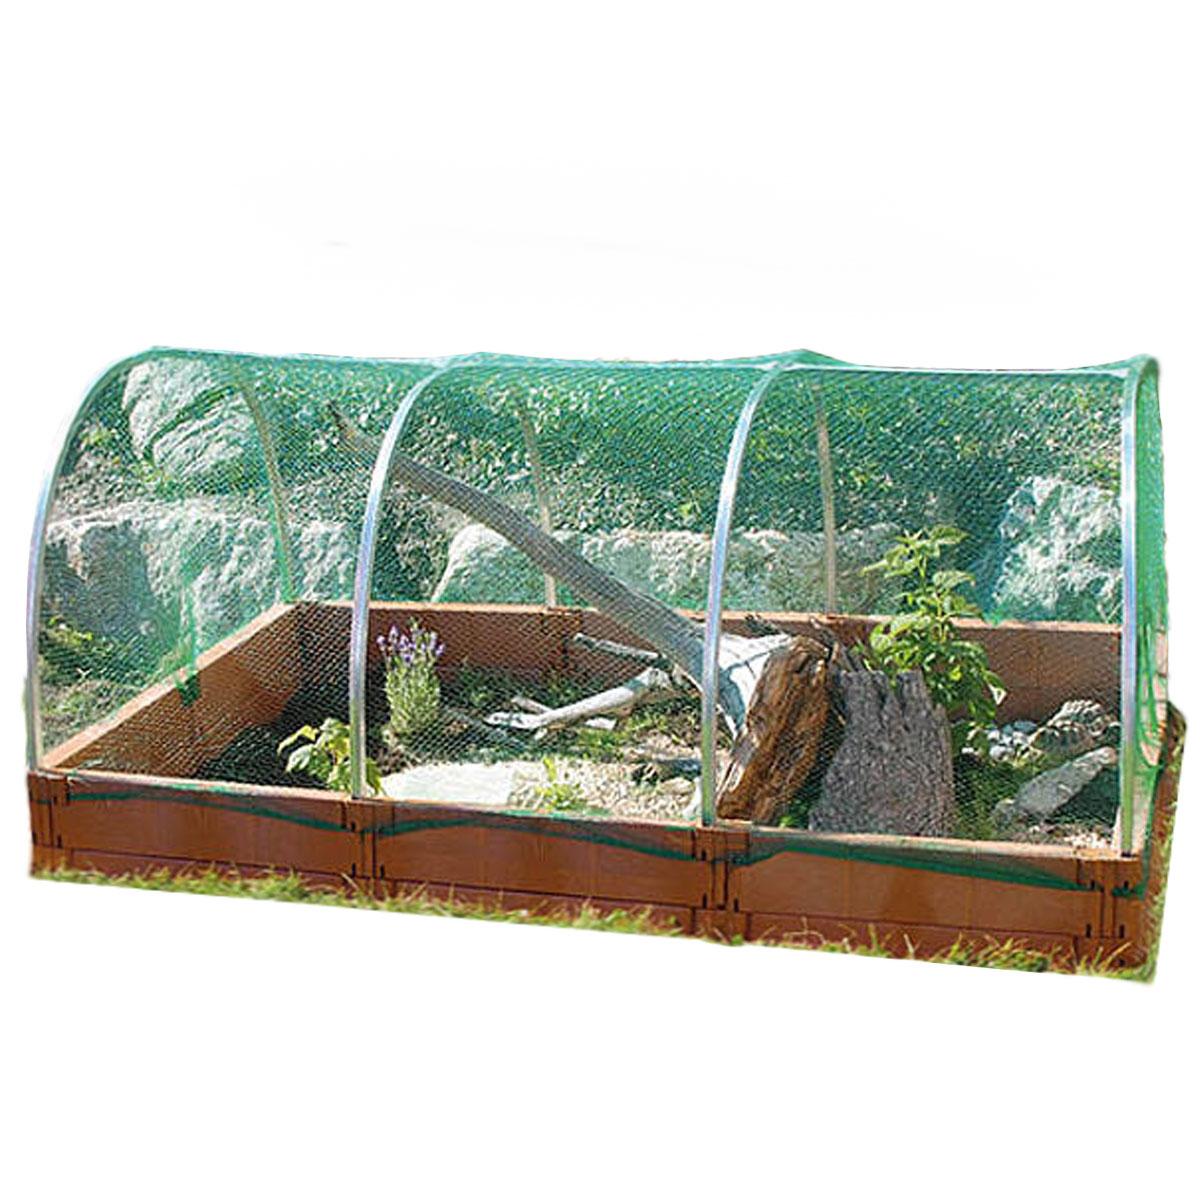 Bild zu Juwel Kleintiergehege / Kleintierauslauf 2 m² terracotta Schutznetz